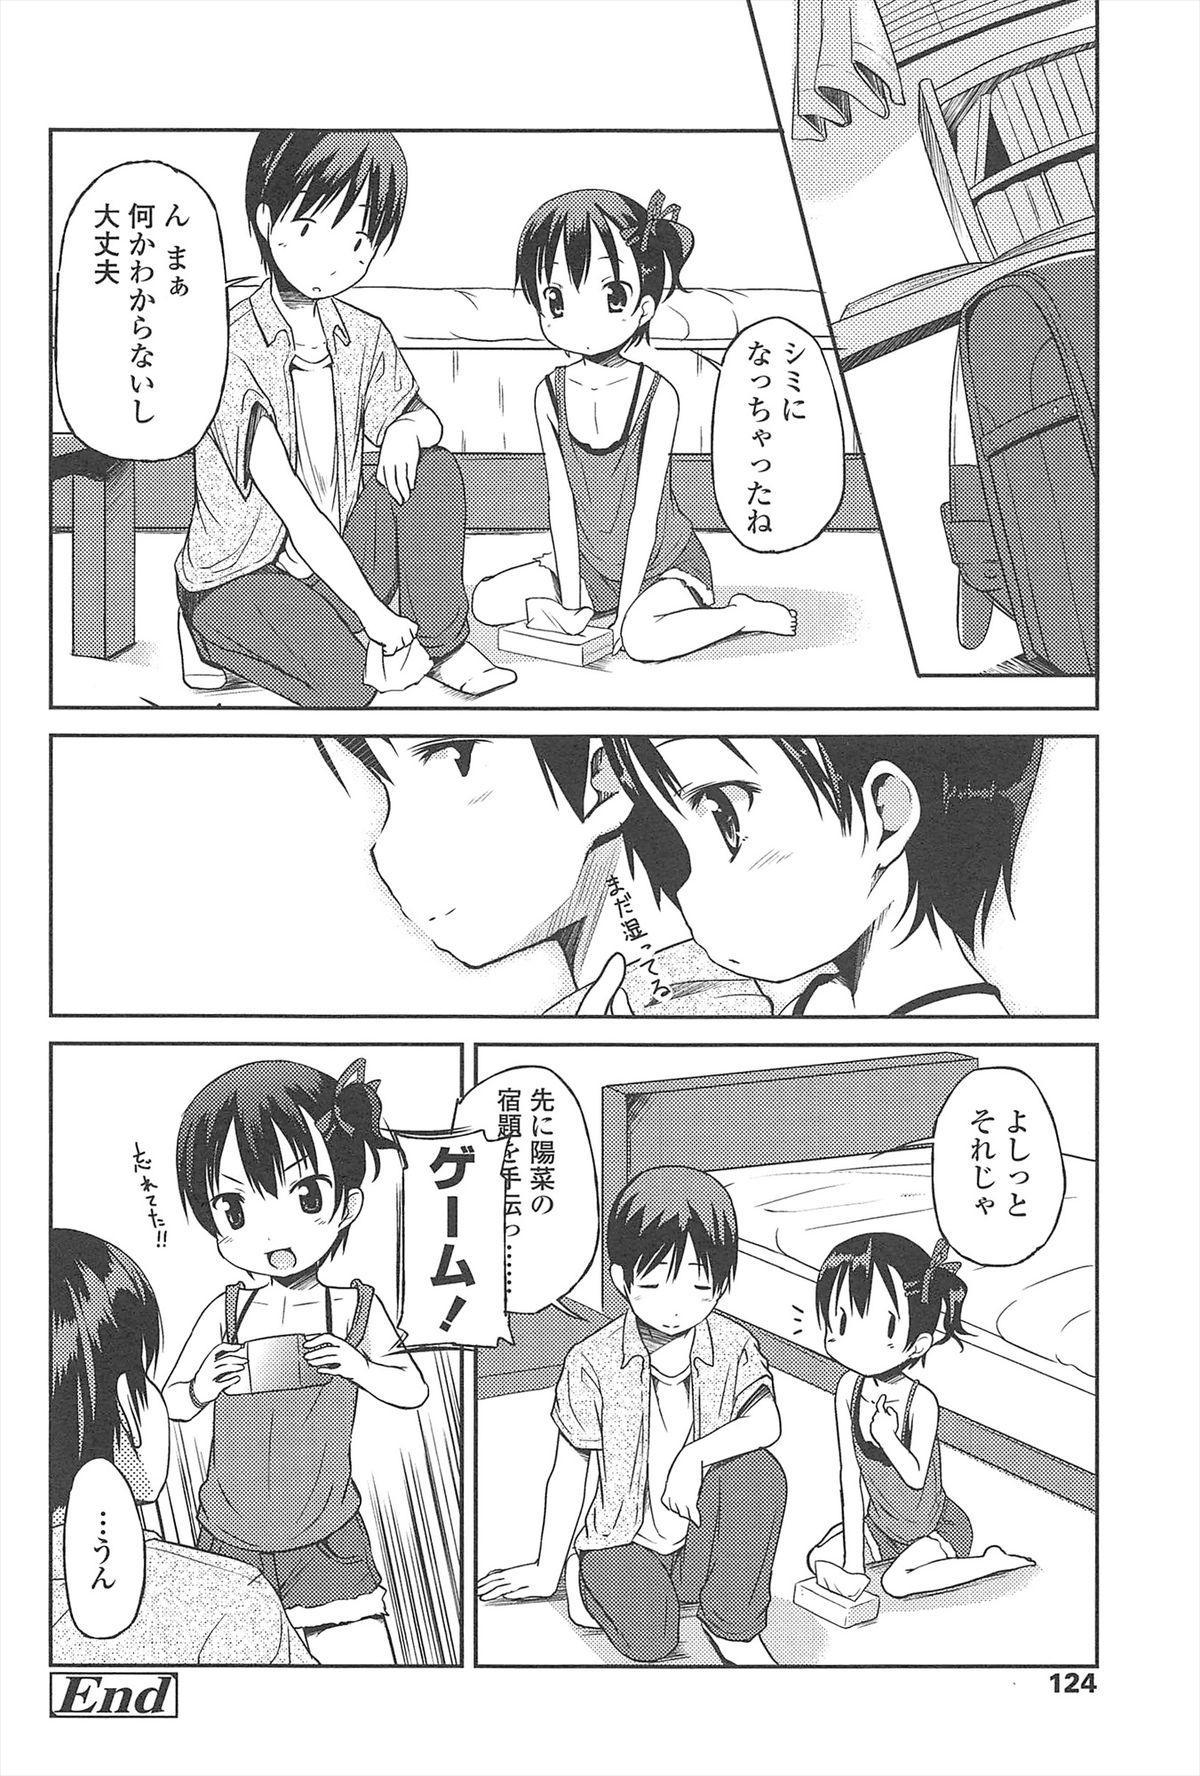 Hajimeteno! 124